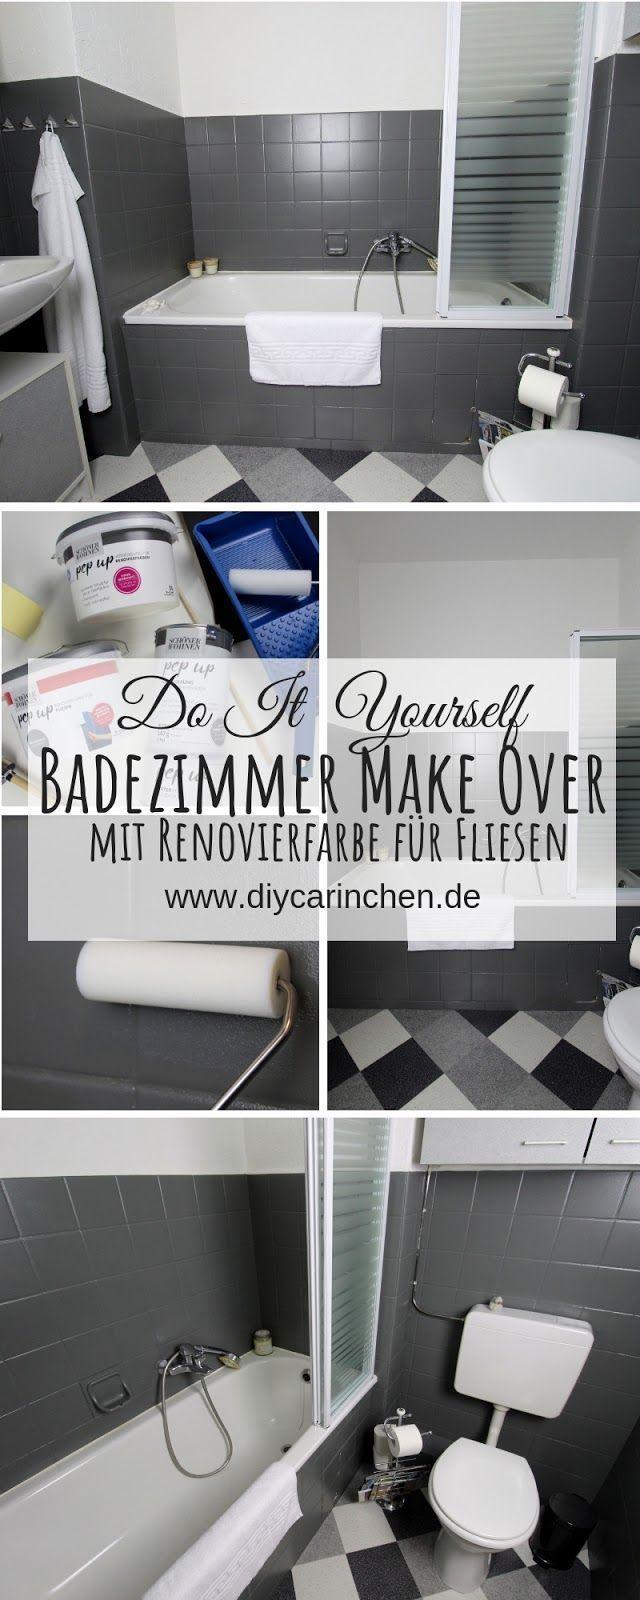 Diy Badezimmer Streichen Und Renovieren Mit Fliesenfarbe Badezimmer Diy Diyrenovating In 2020 With Images Bathroom Furniture Makeover Diy Bathroom Vanity Diy Bathroom Paint